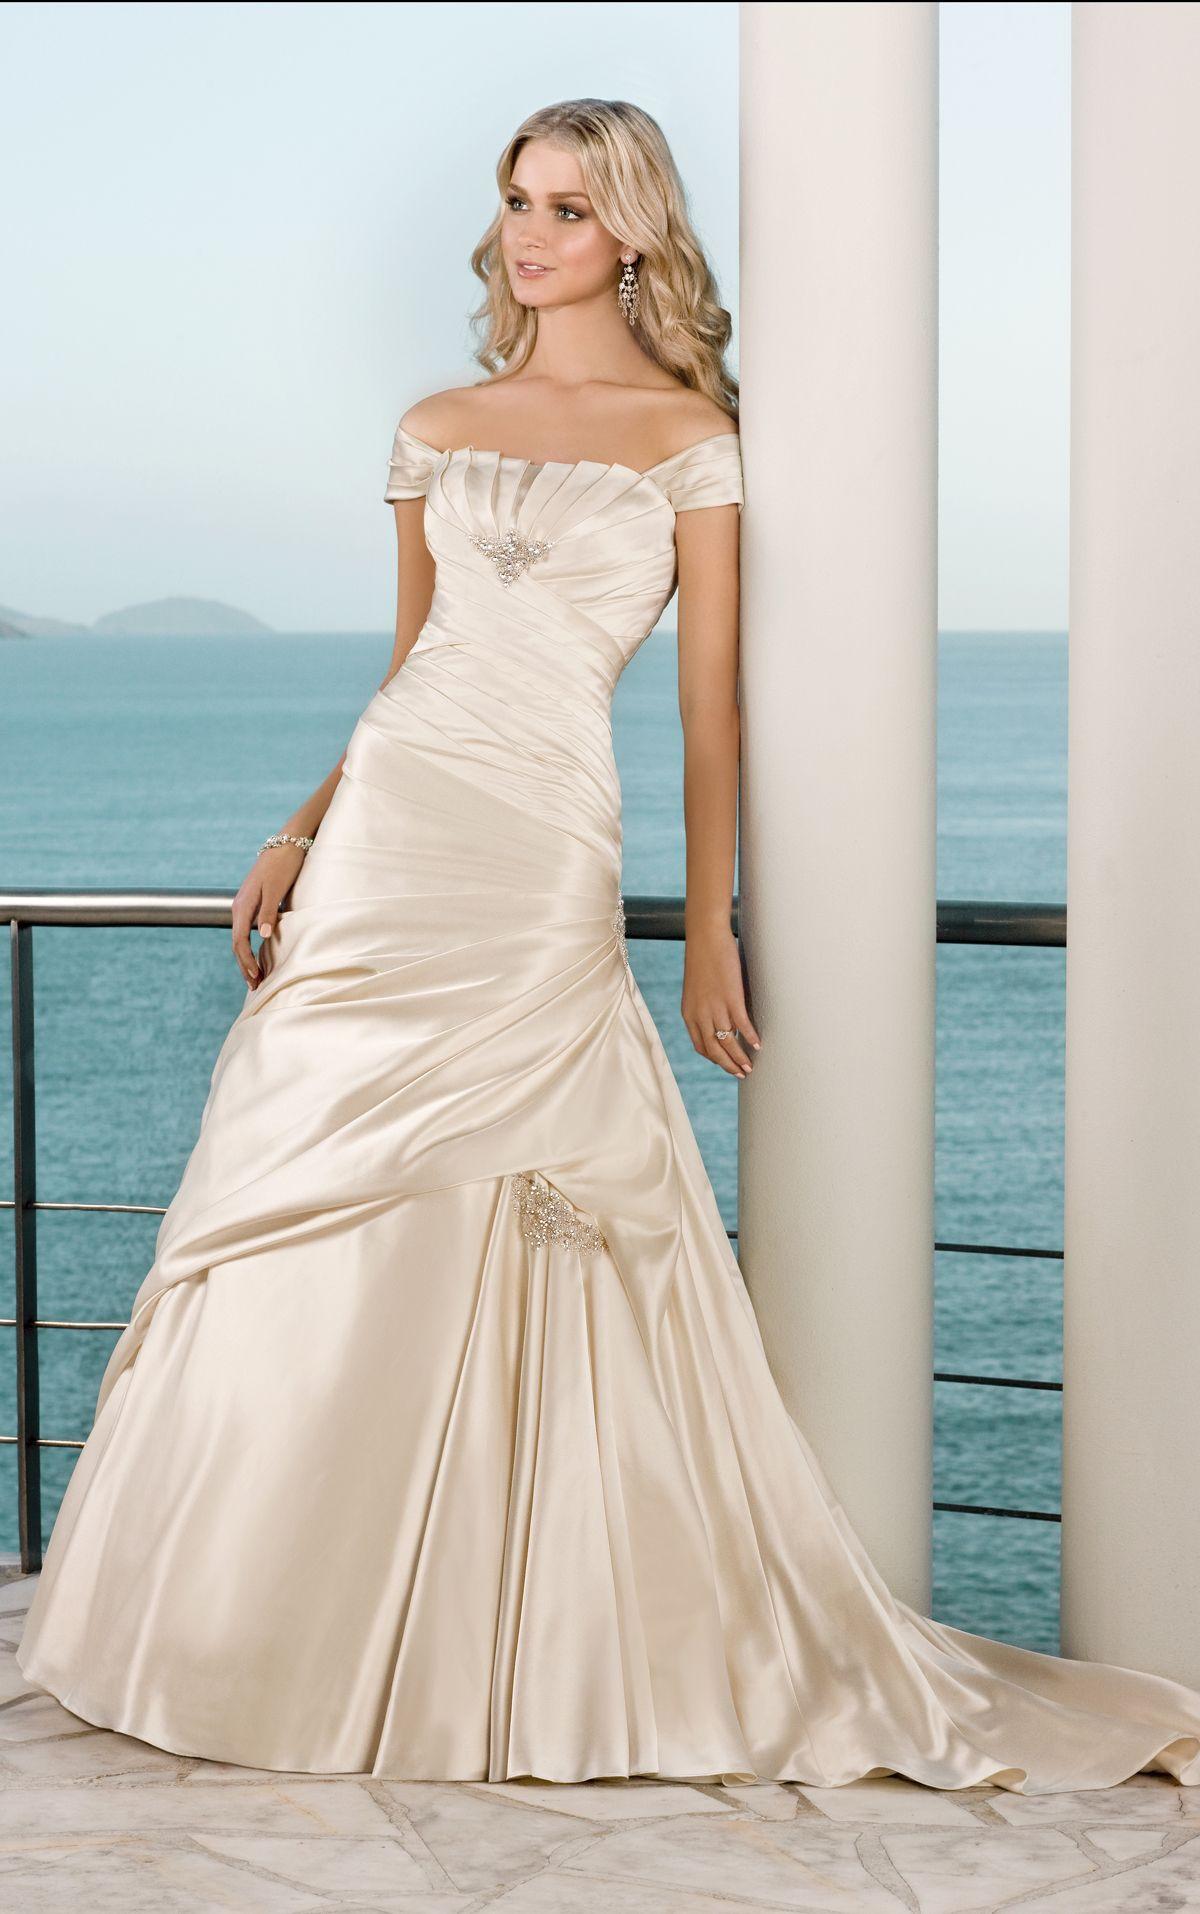 Ziemlich Sommerkleider Hochzeit Am Strand Galerie - Brautkleider ...